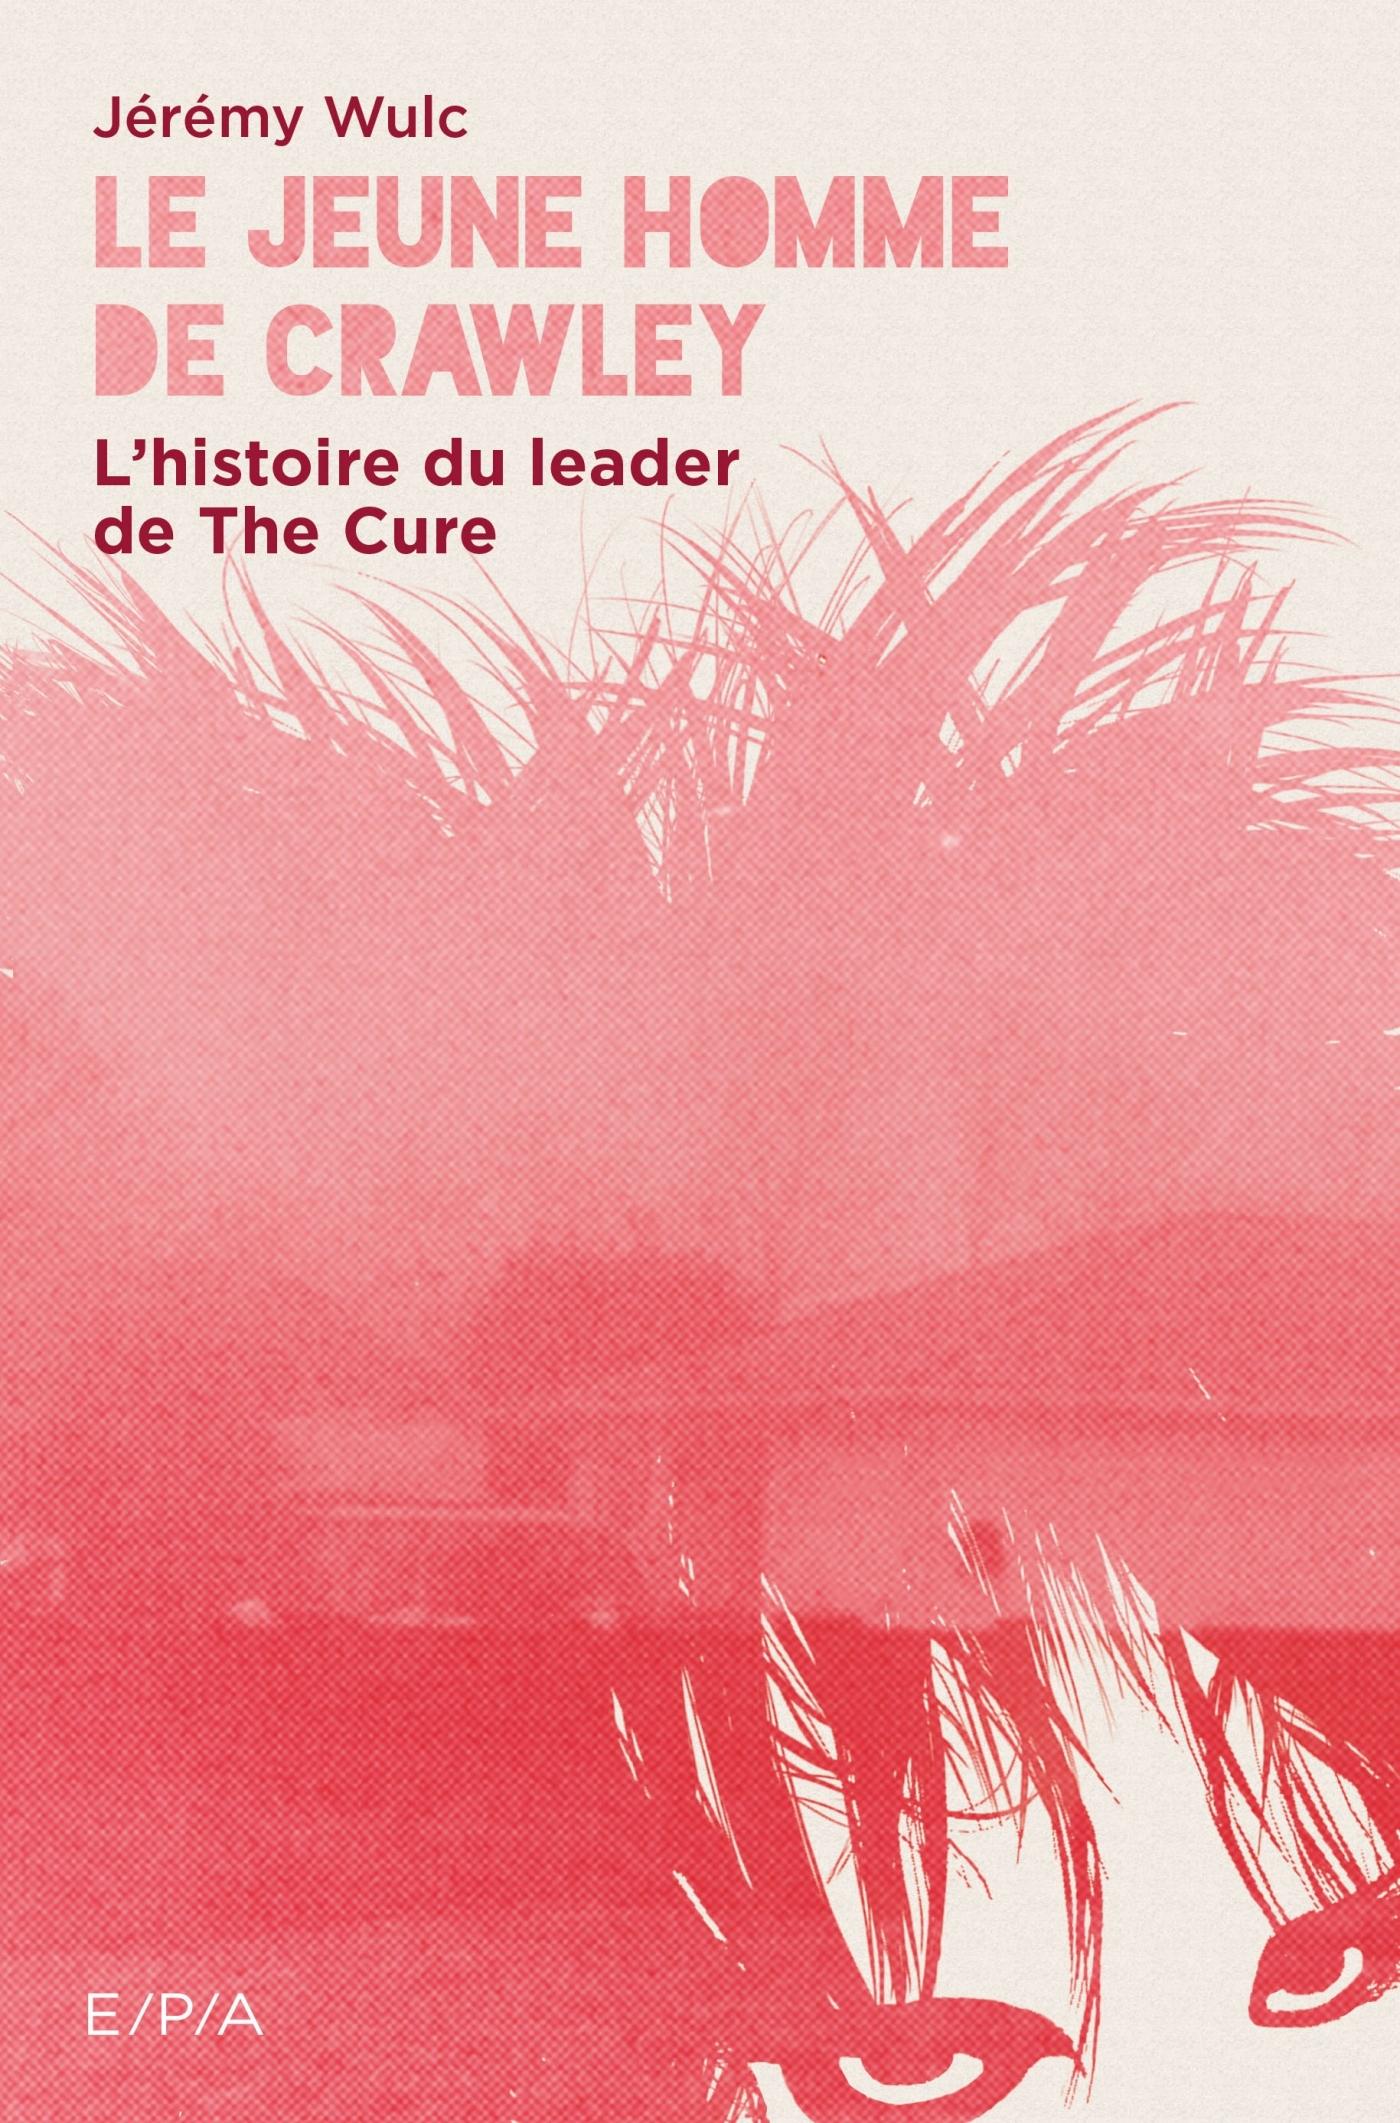 LE JEUNE HOMME DE CRAWLEY, L'HISTOIRE DU LEADER DE THE CURE